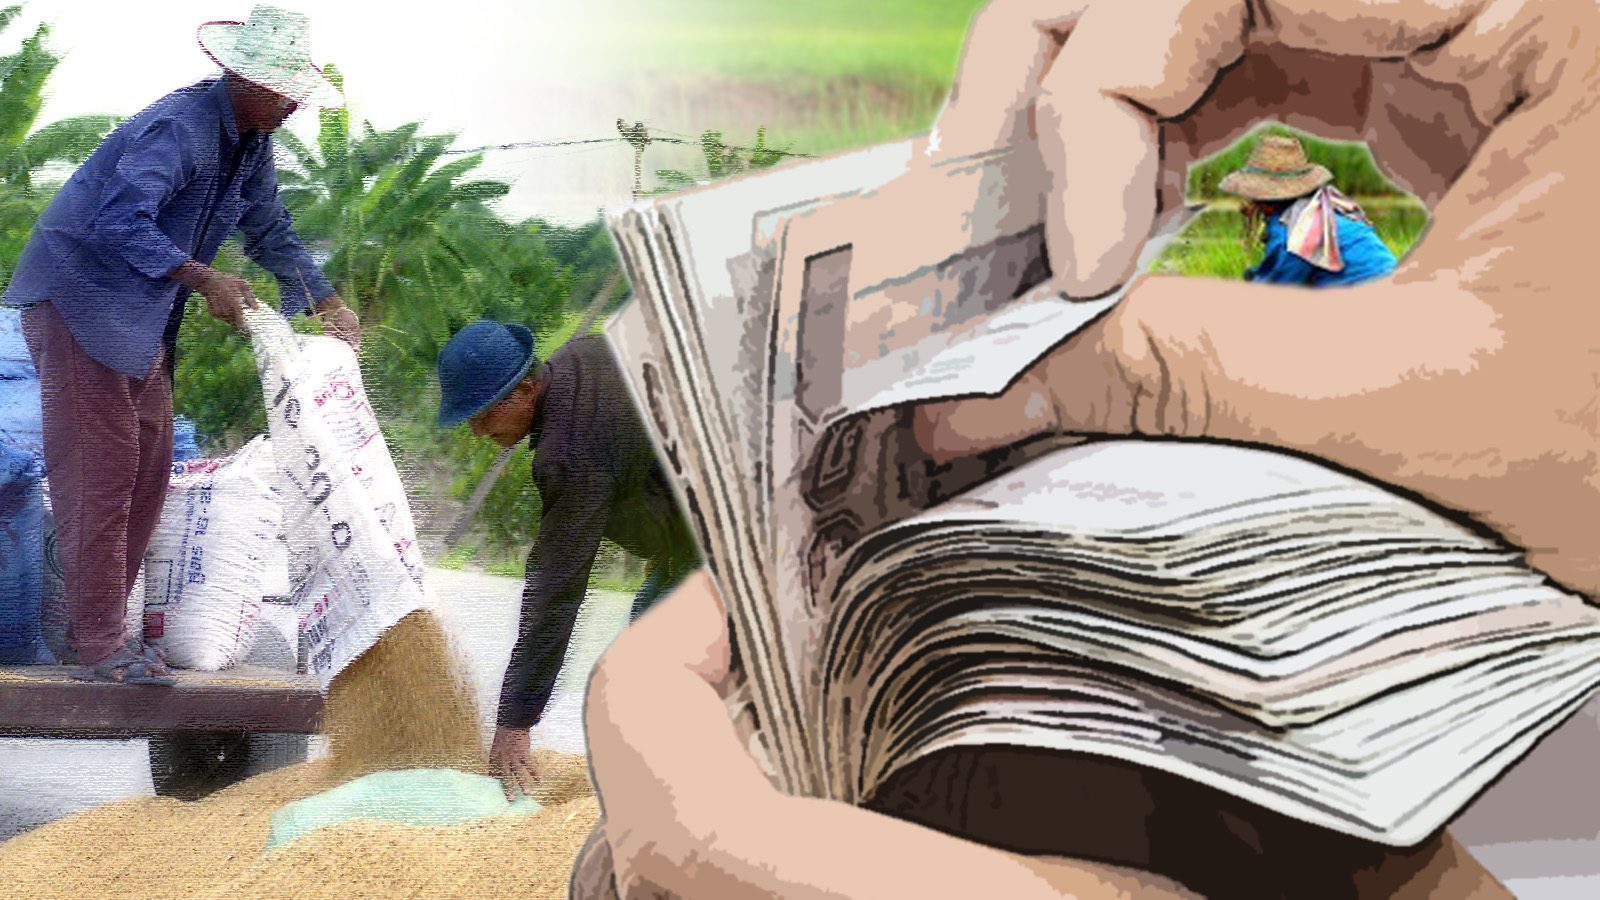 ธ.ก.ส.เร่งจ่ายเงินเยียวยาเกษตรกรเดือนแรกภายใน 31 พ.ค.นี้ คาดรับสิทธิกว่า 8 ล้านราย